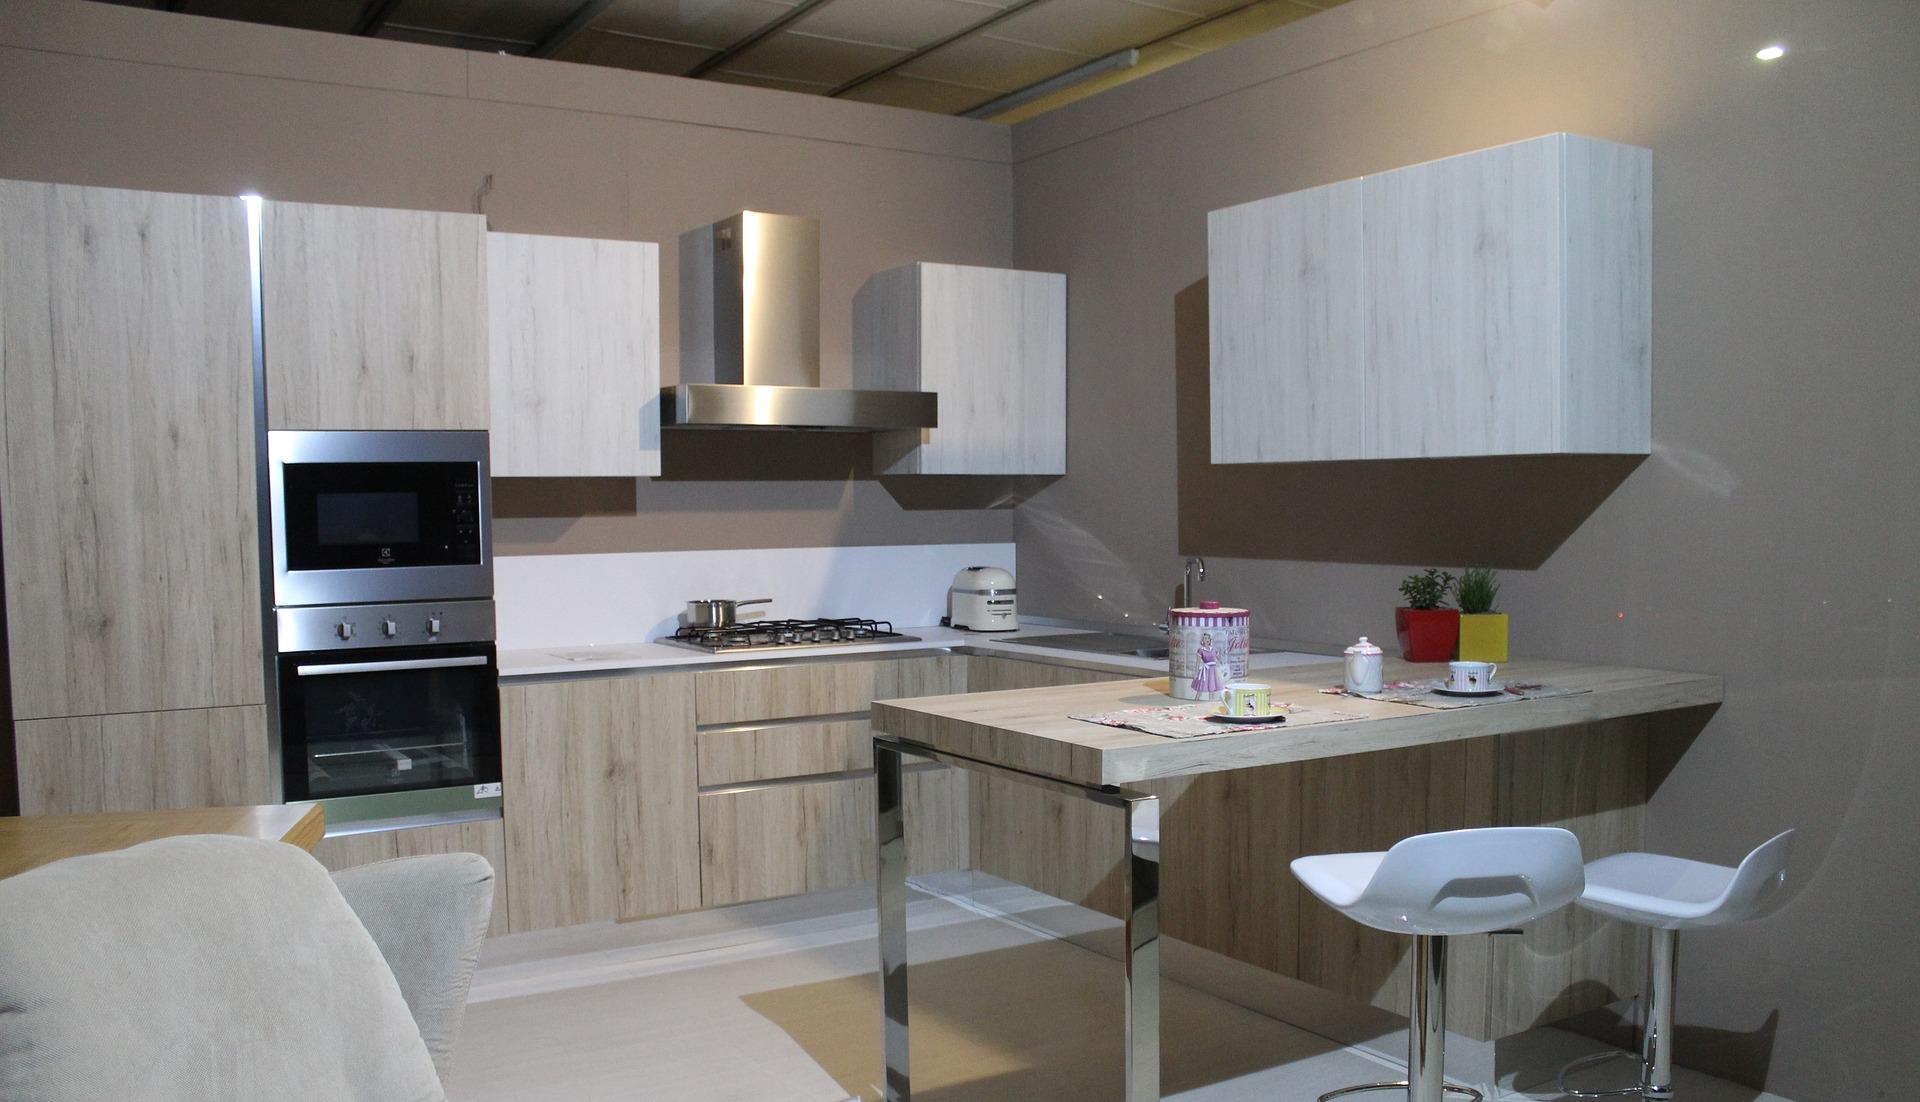 kitchen-1707427_1920